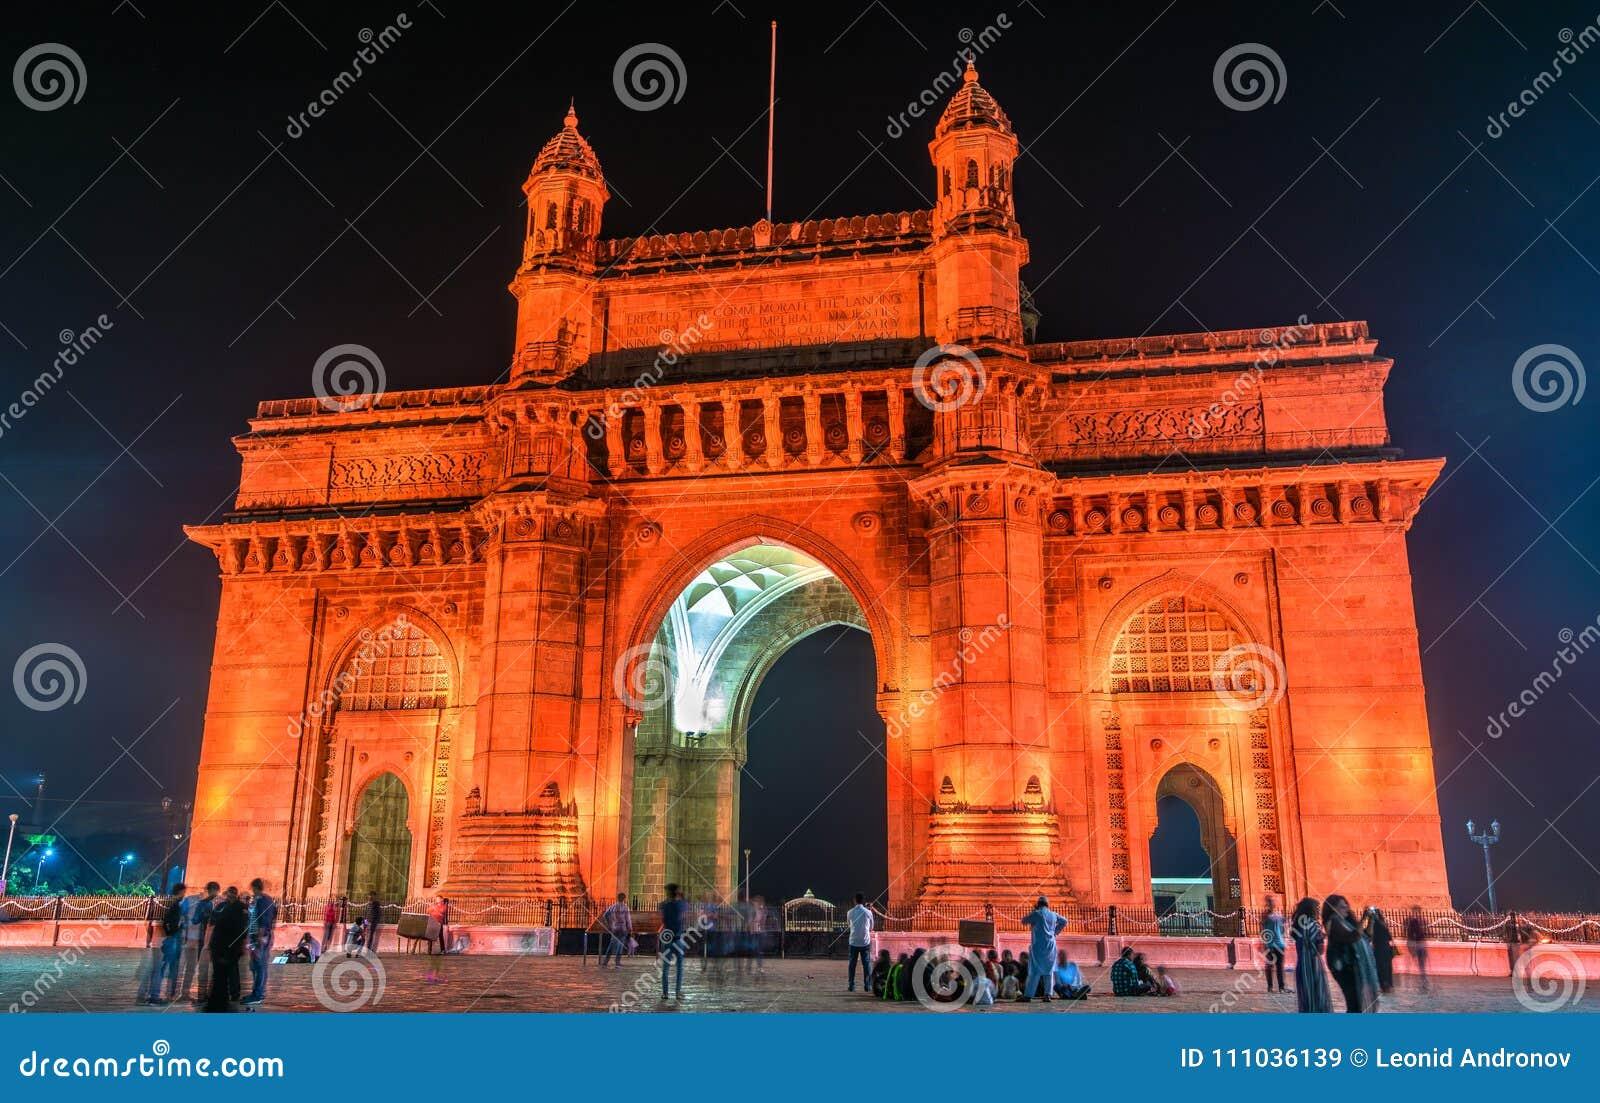 Η πύλη της Ινδίας σε Mumbai